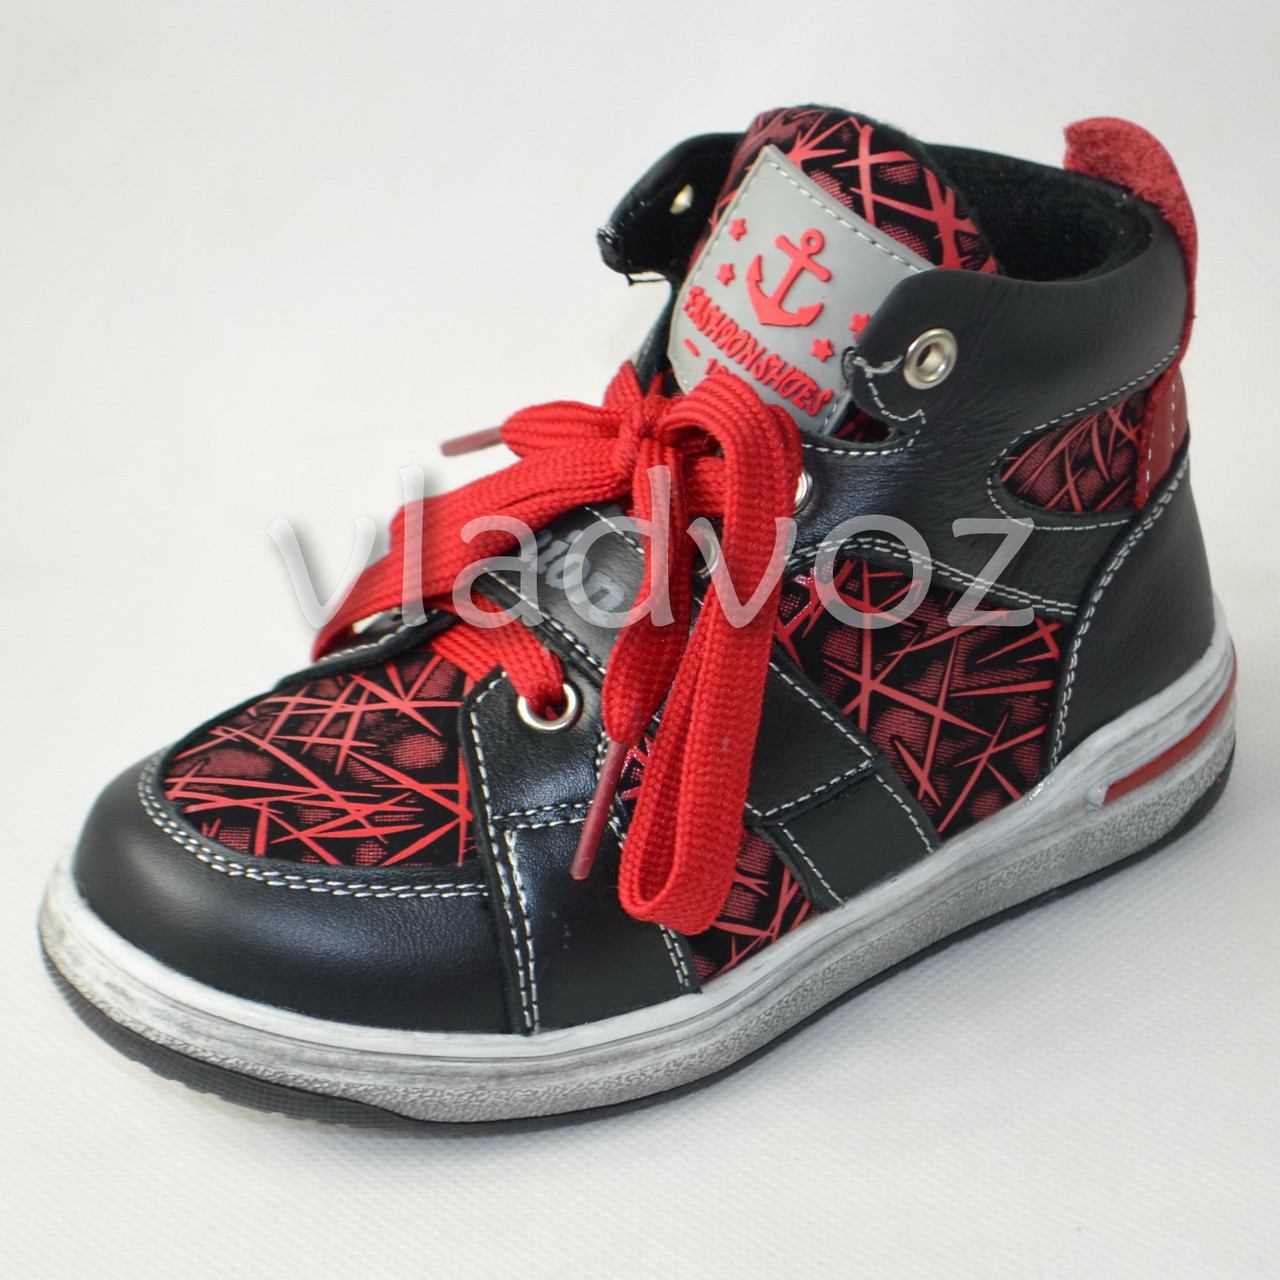 Демисезонные ботинки для мальчика красные Bessky 32р. - интернет магазин vladvoz.in.ua мтс 0664476900, киевстар 0977864700, лайф 0933641800 в Николаевской области